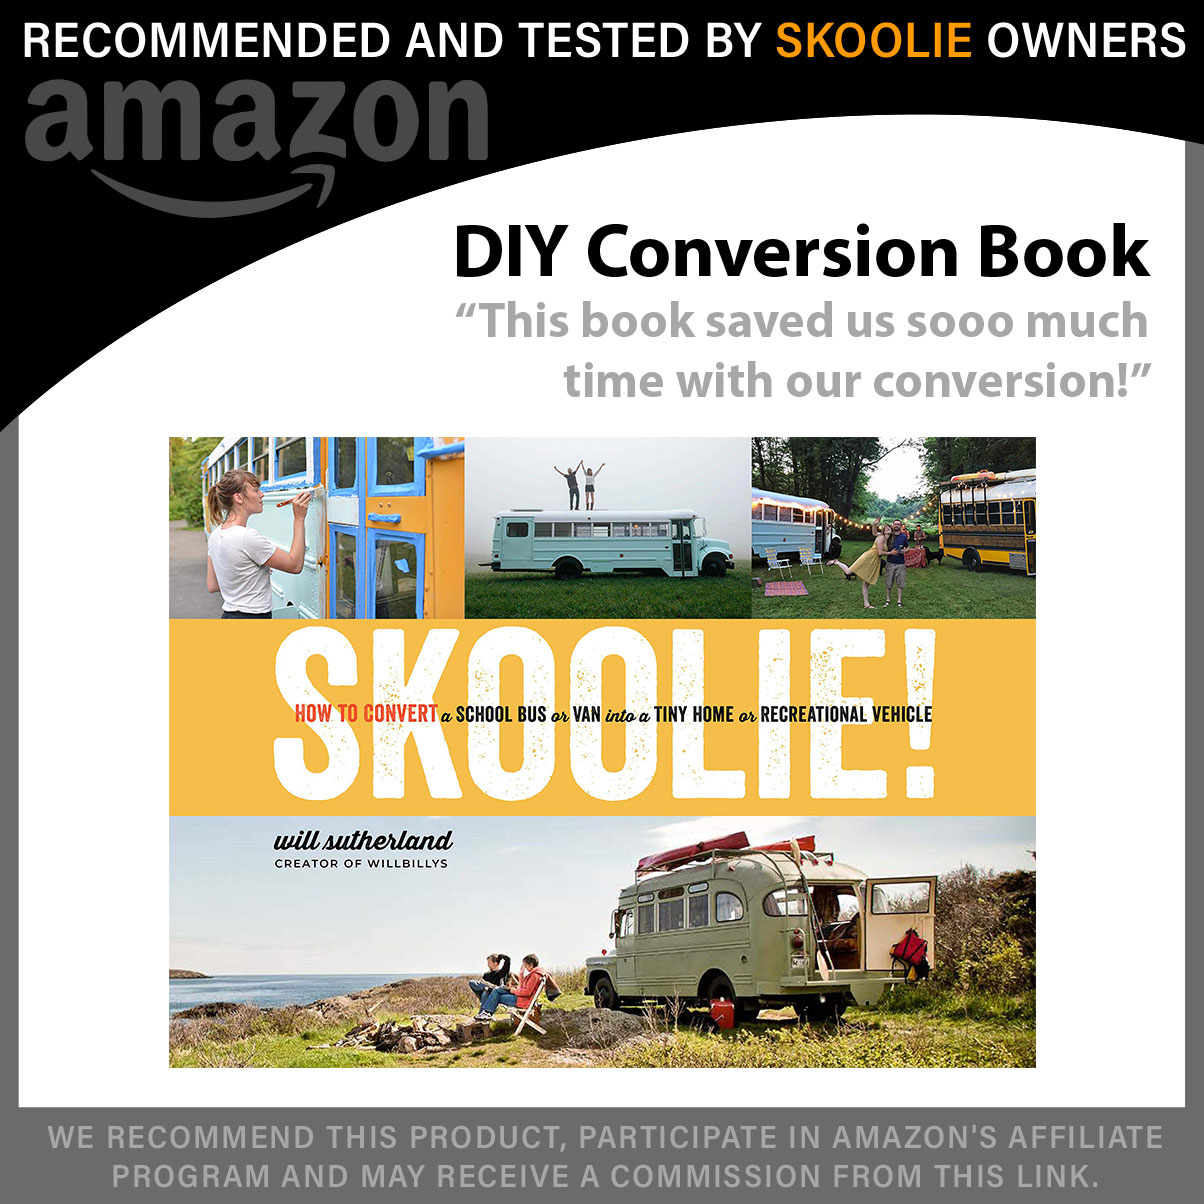 Skoolie - DIY Conversion Book